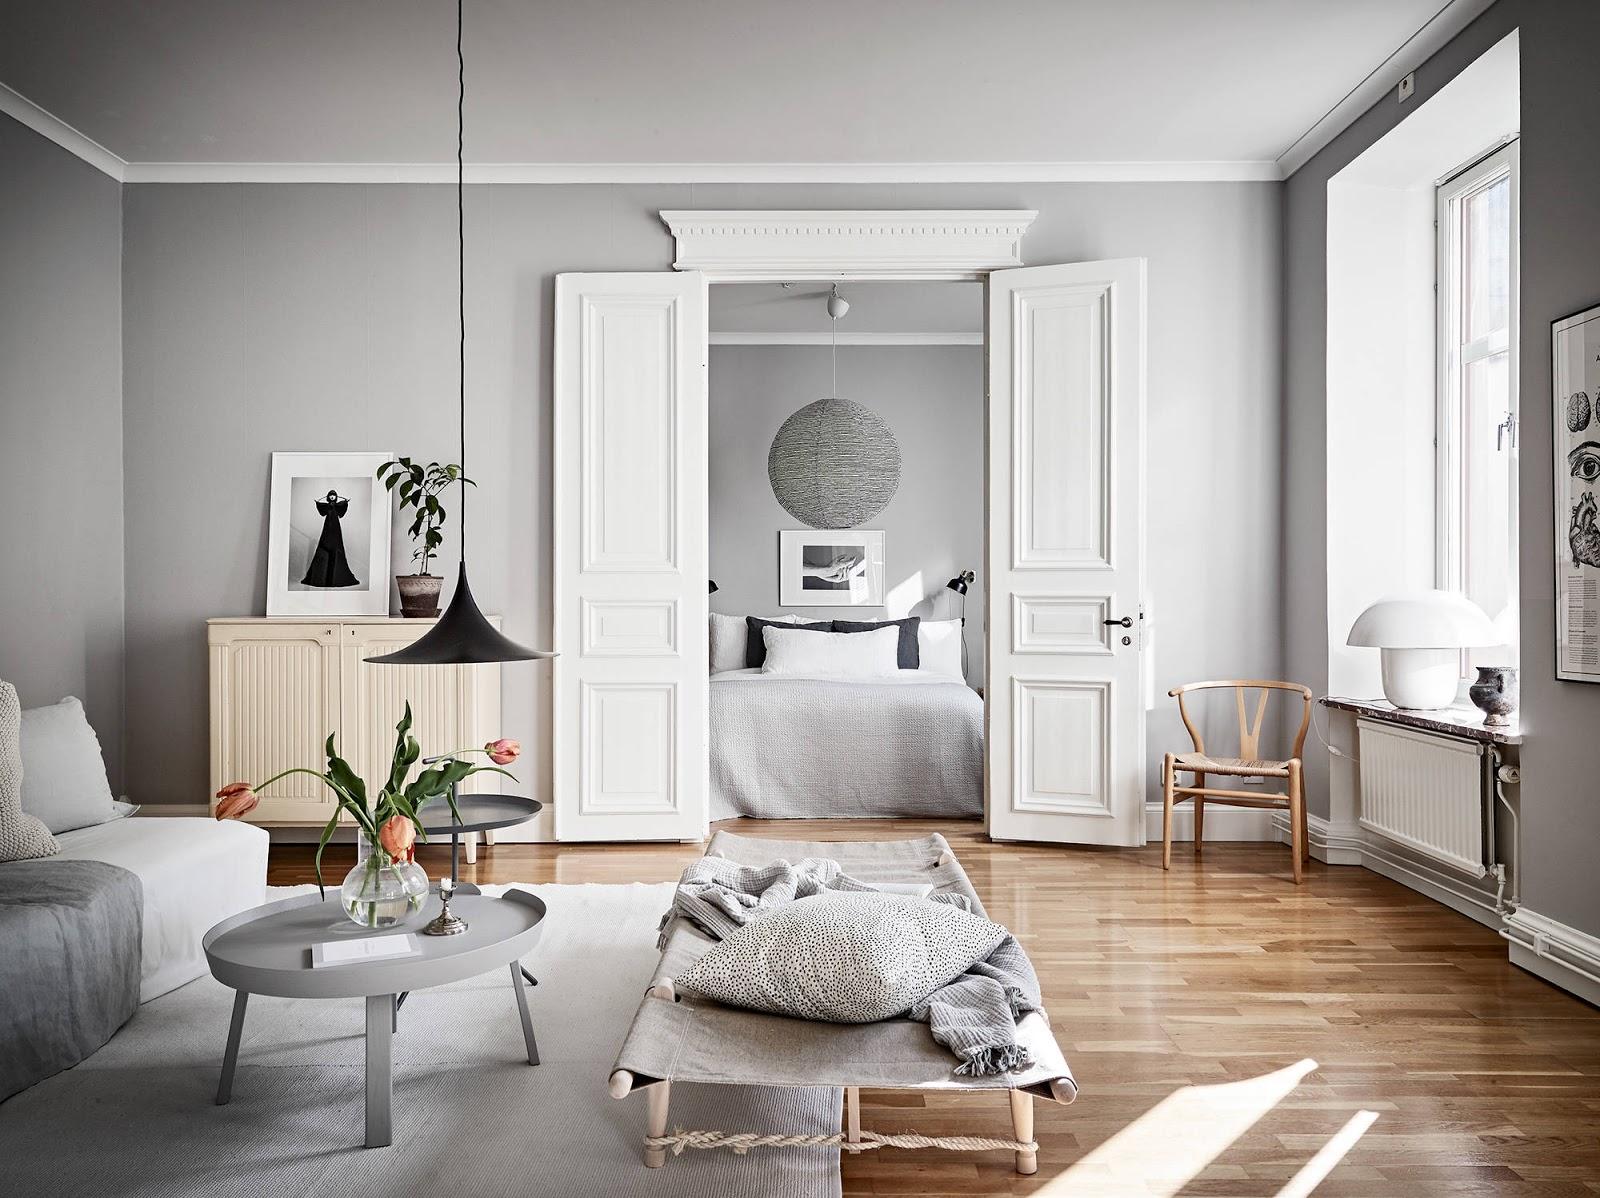 Appartamento con pareti grigie e arredi bianchi arc art for Immagini pareti colorate soggiorno